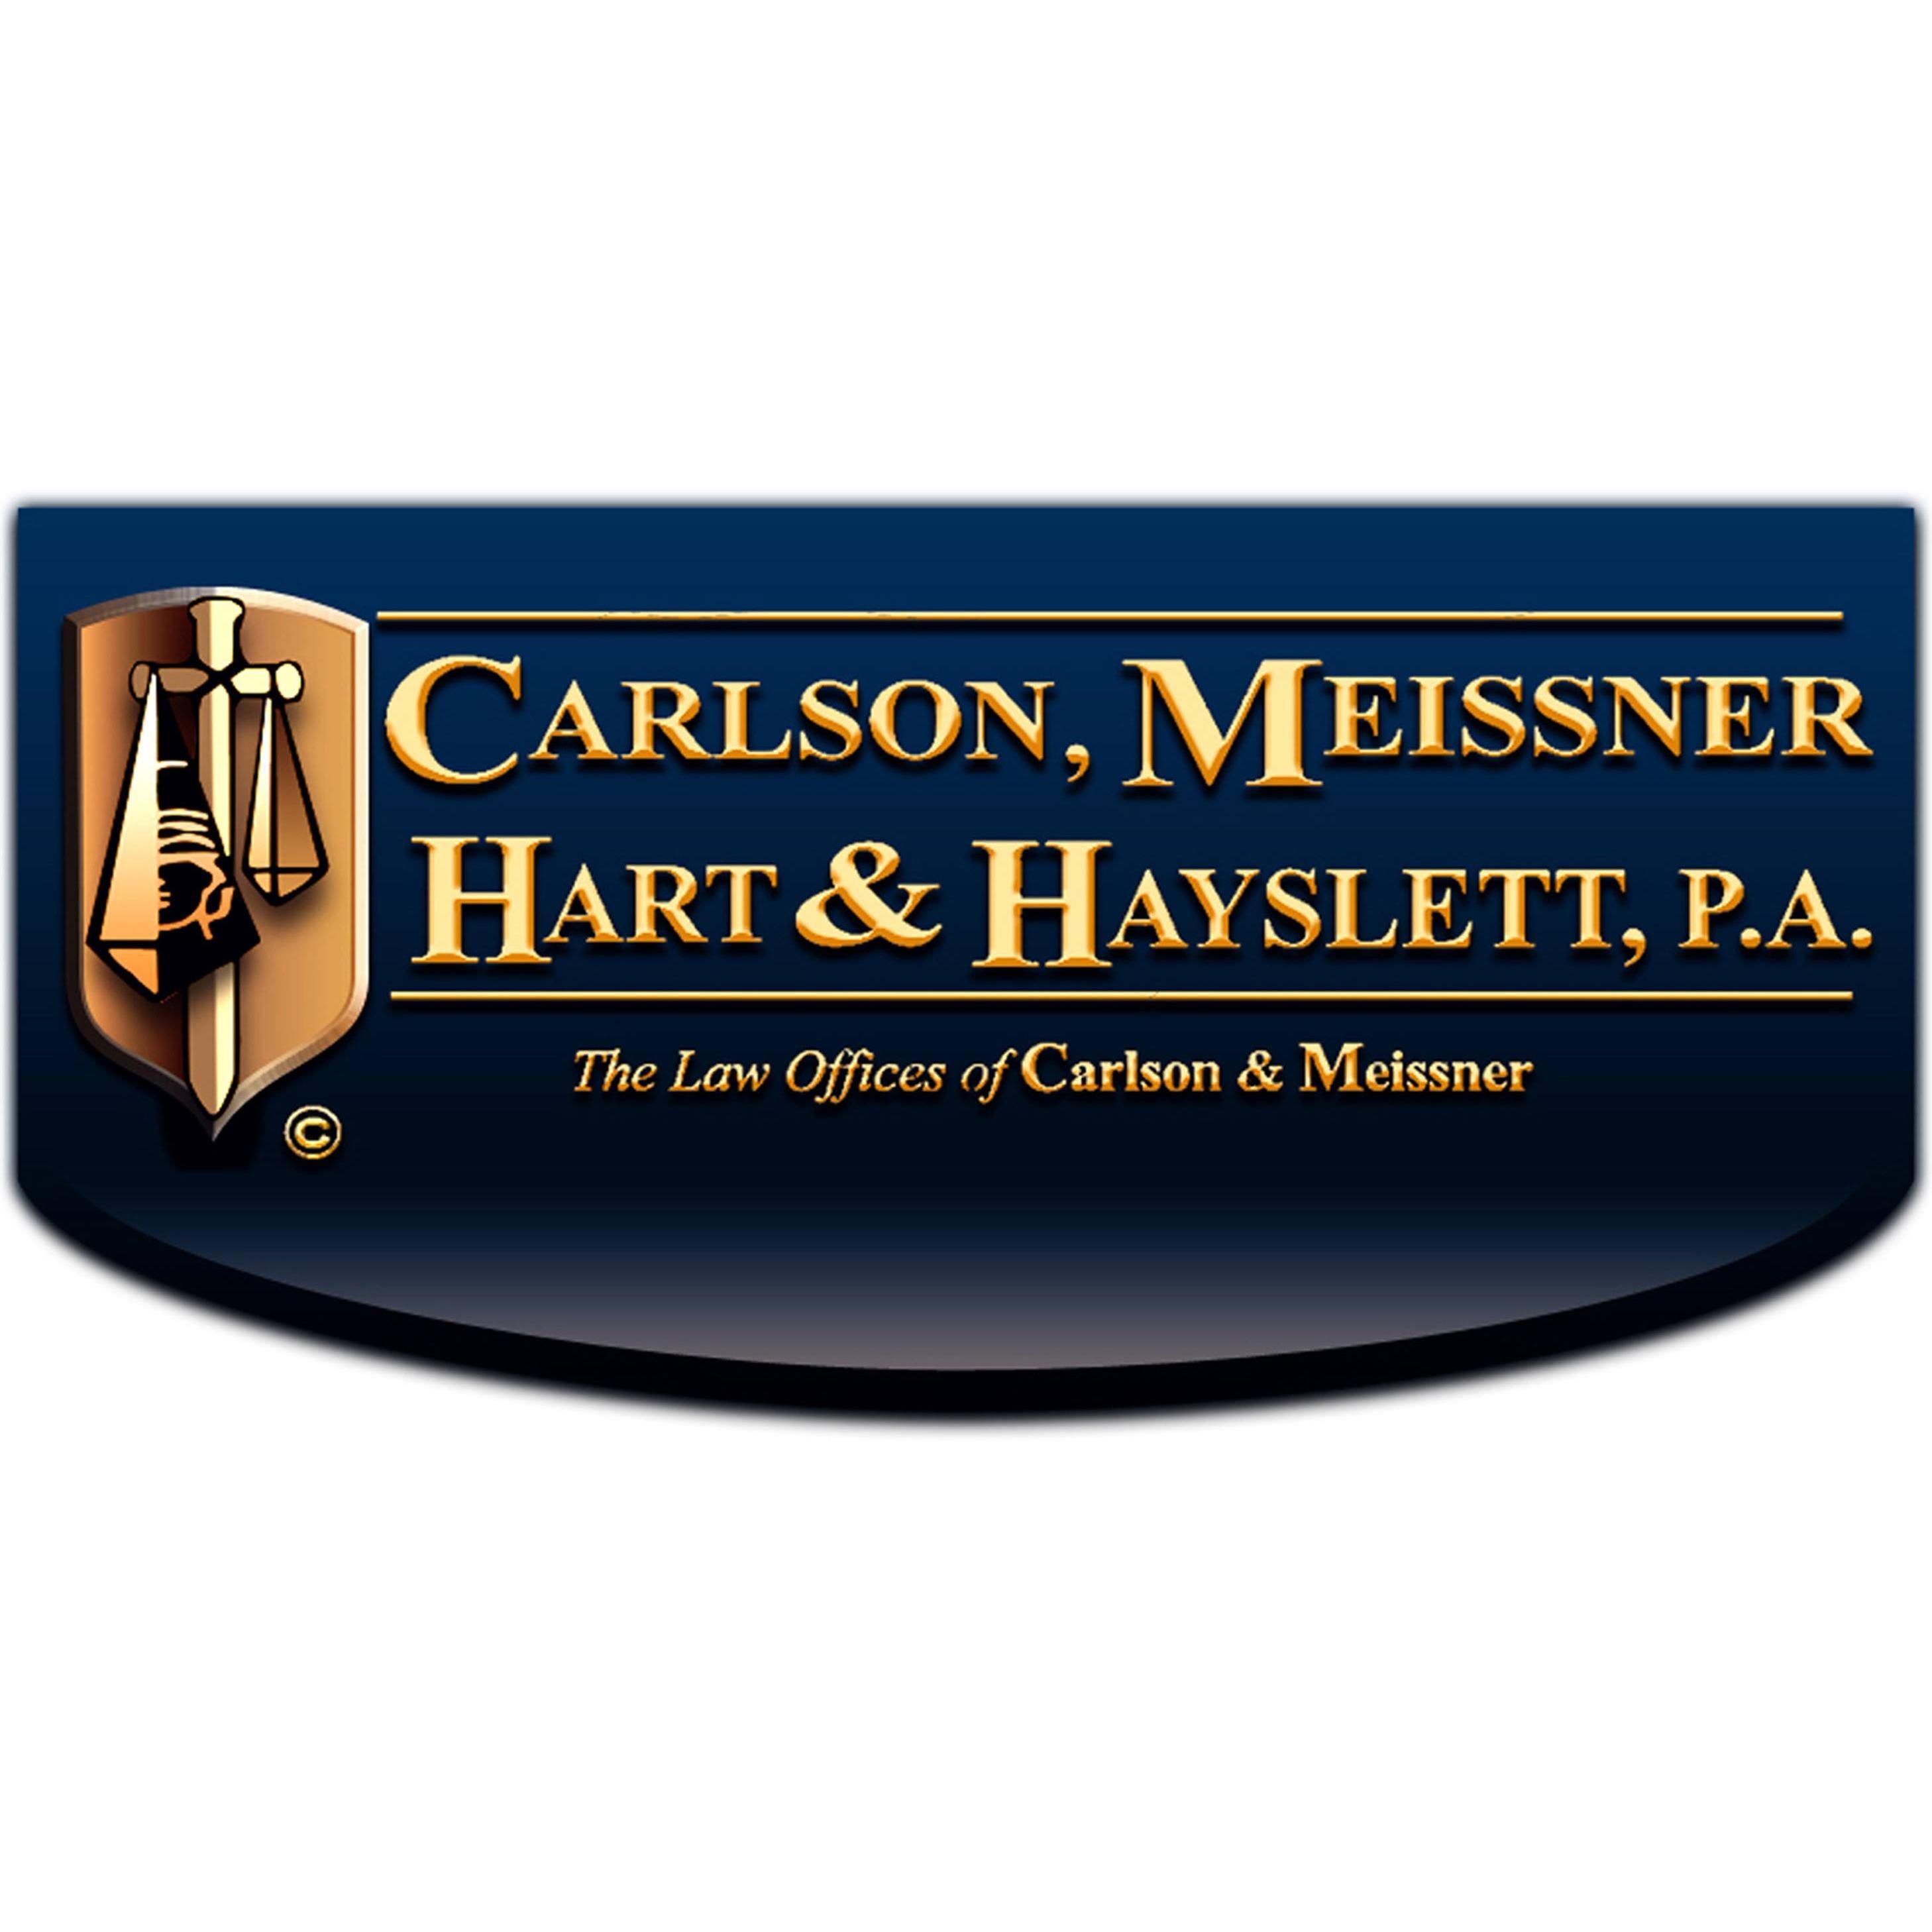 Carlson Meissner Hart & Hayslett, P.A.